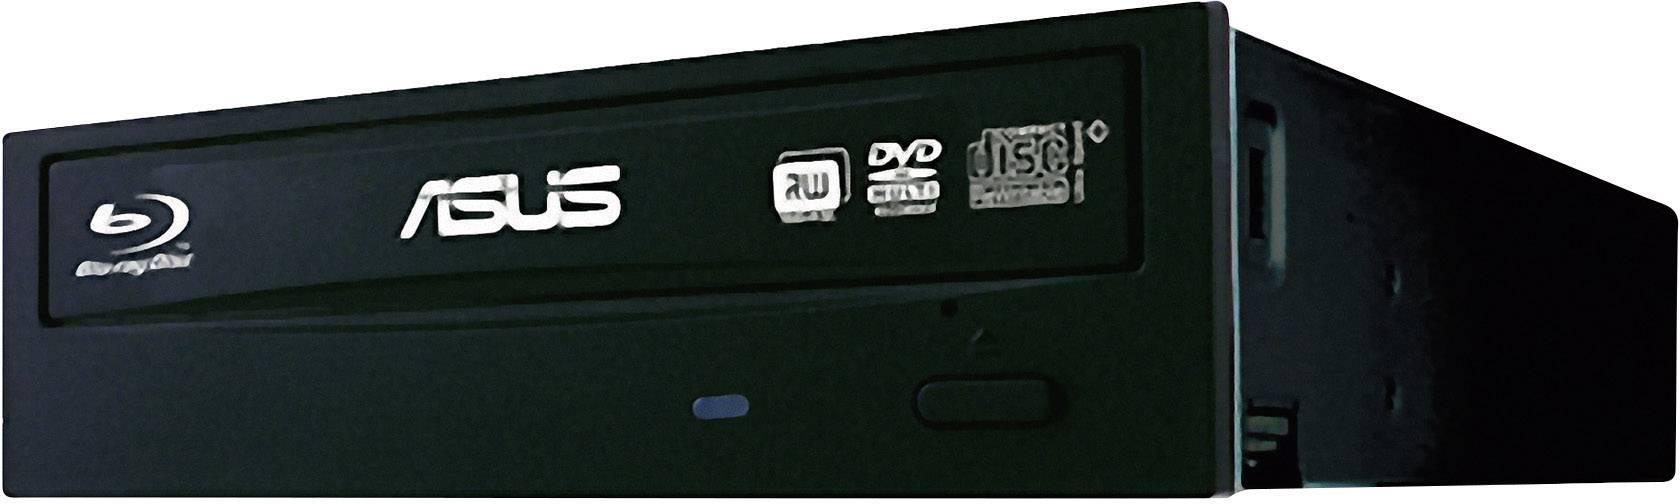 Interní Blu-ray vypalovačka Asus BW-16D1HT/G Bulk SATA černá